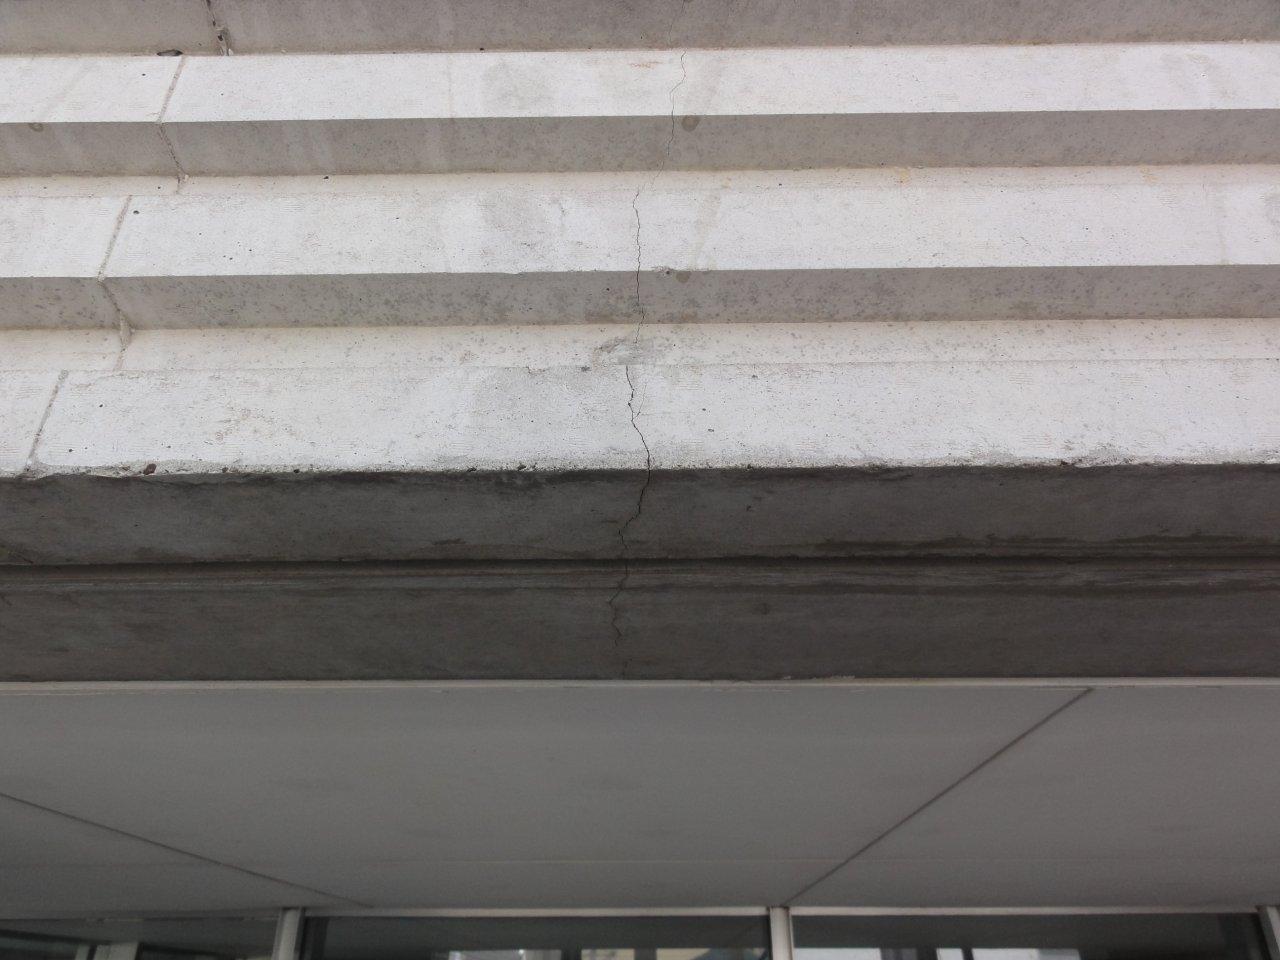 コンクリート補修1 クラック(ひび割れ)